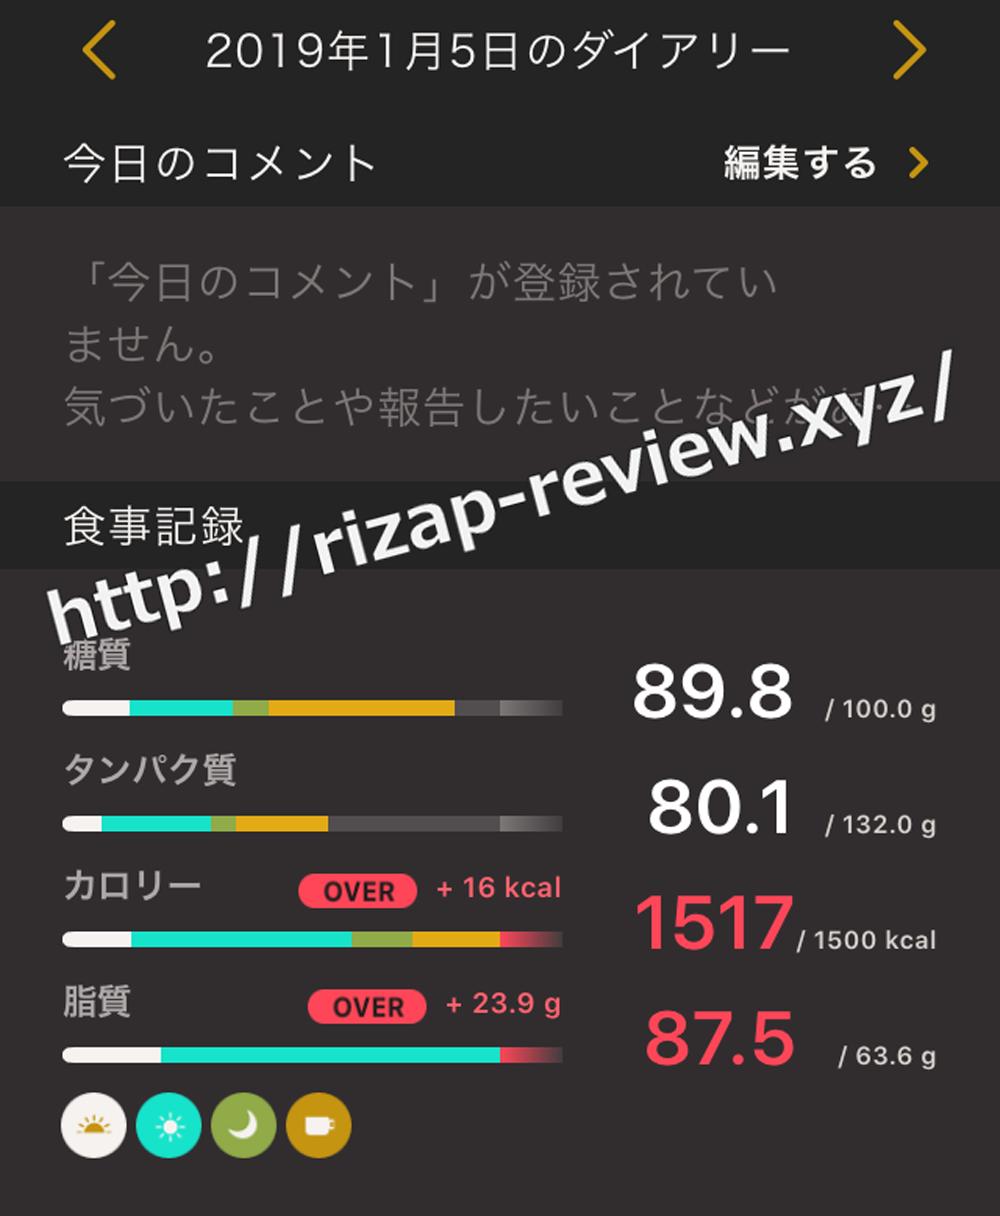 2019.1.5(金)ライザップの食事と摂取した栄養素